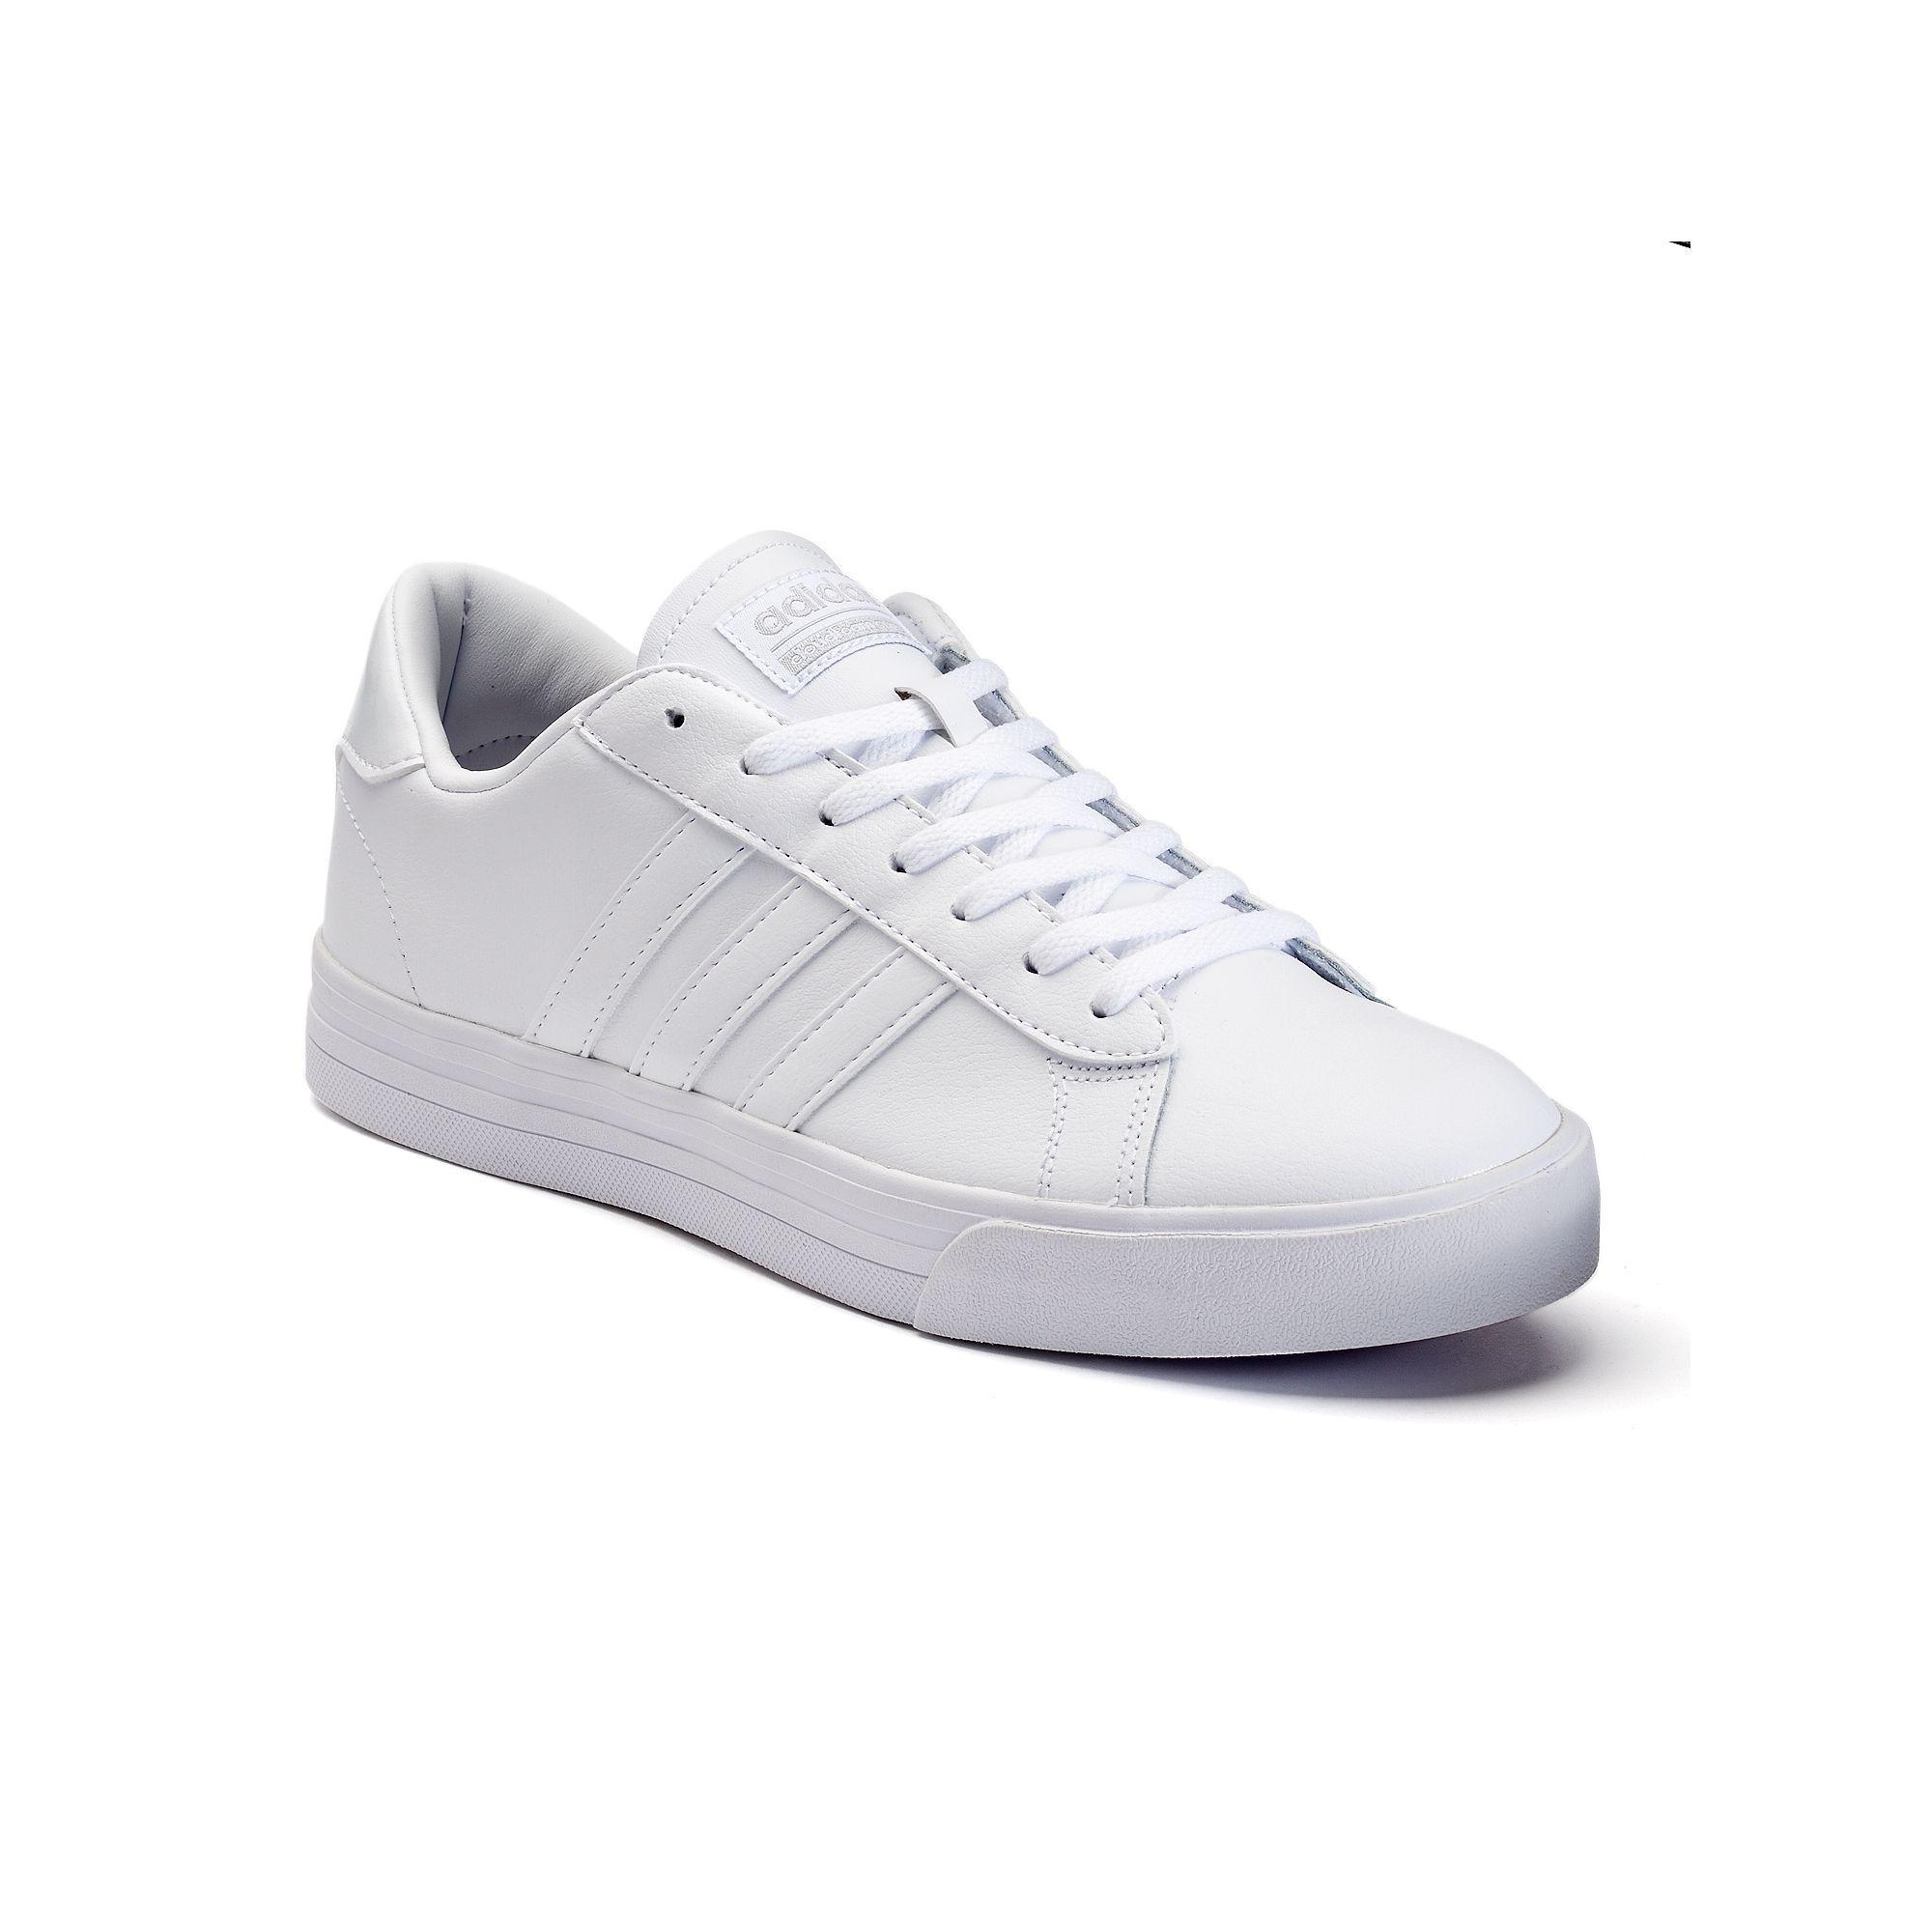 adidas neo scarpe di cuoio a > off45% più grande catalogo sconti